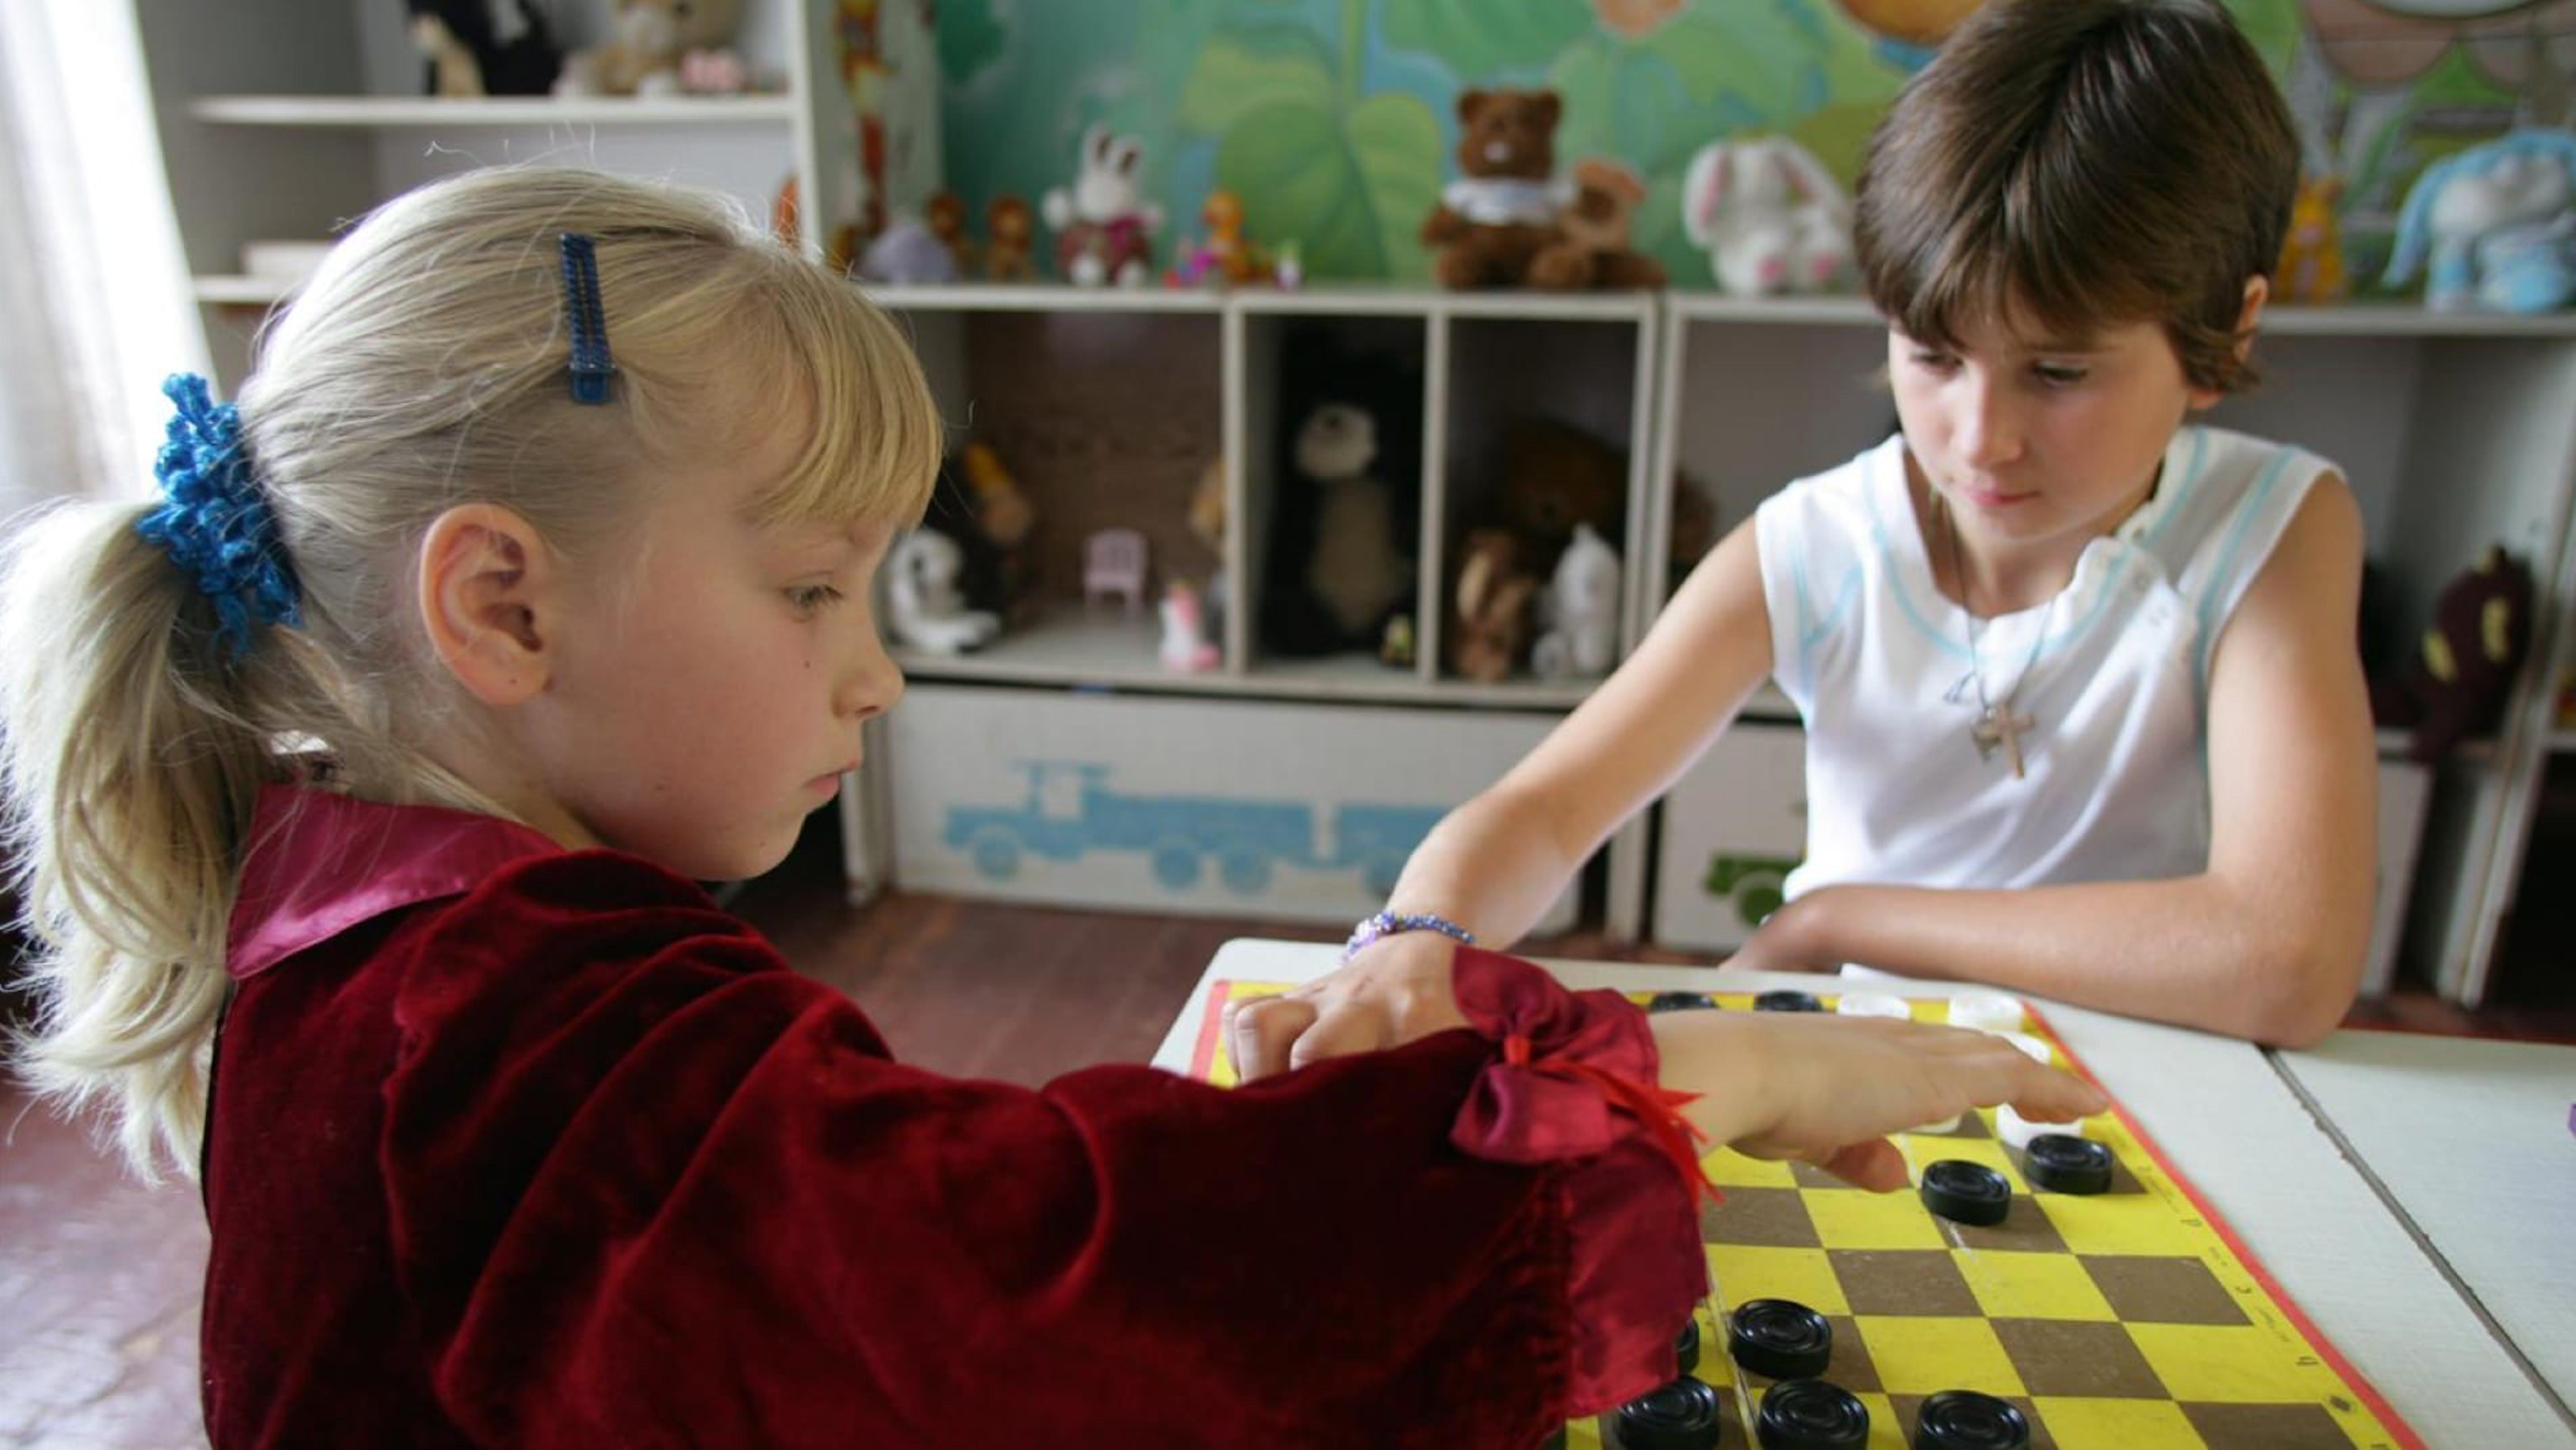 Sveta e Natasha giocano a scacchi nel rifugio per bambini abbandonati e orfani in Ucraina.